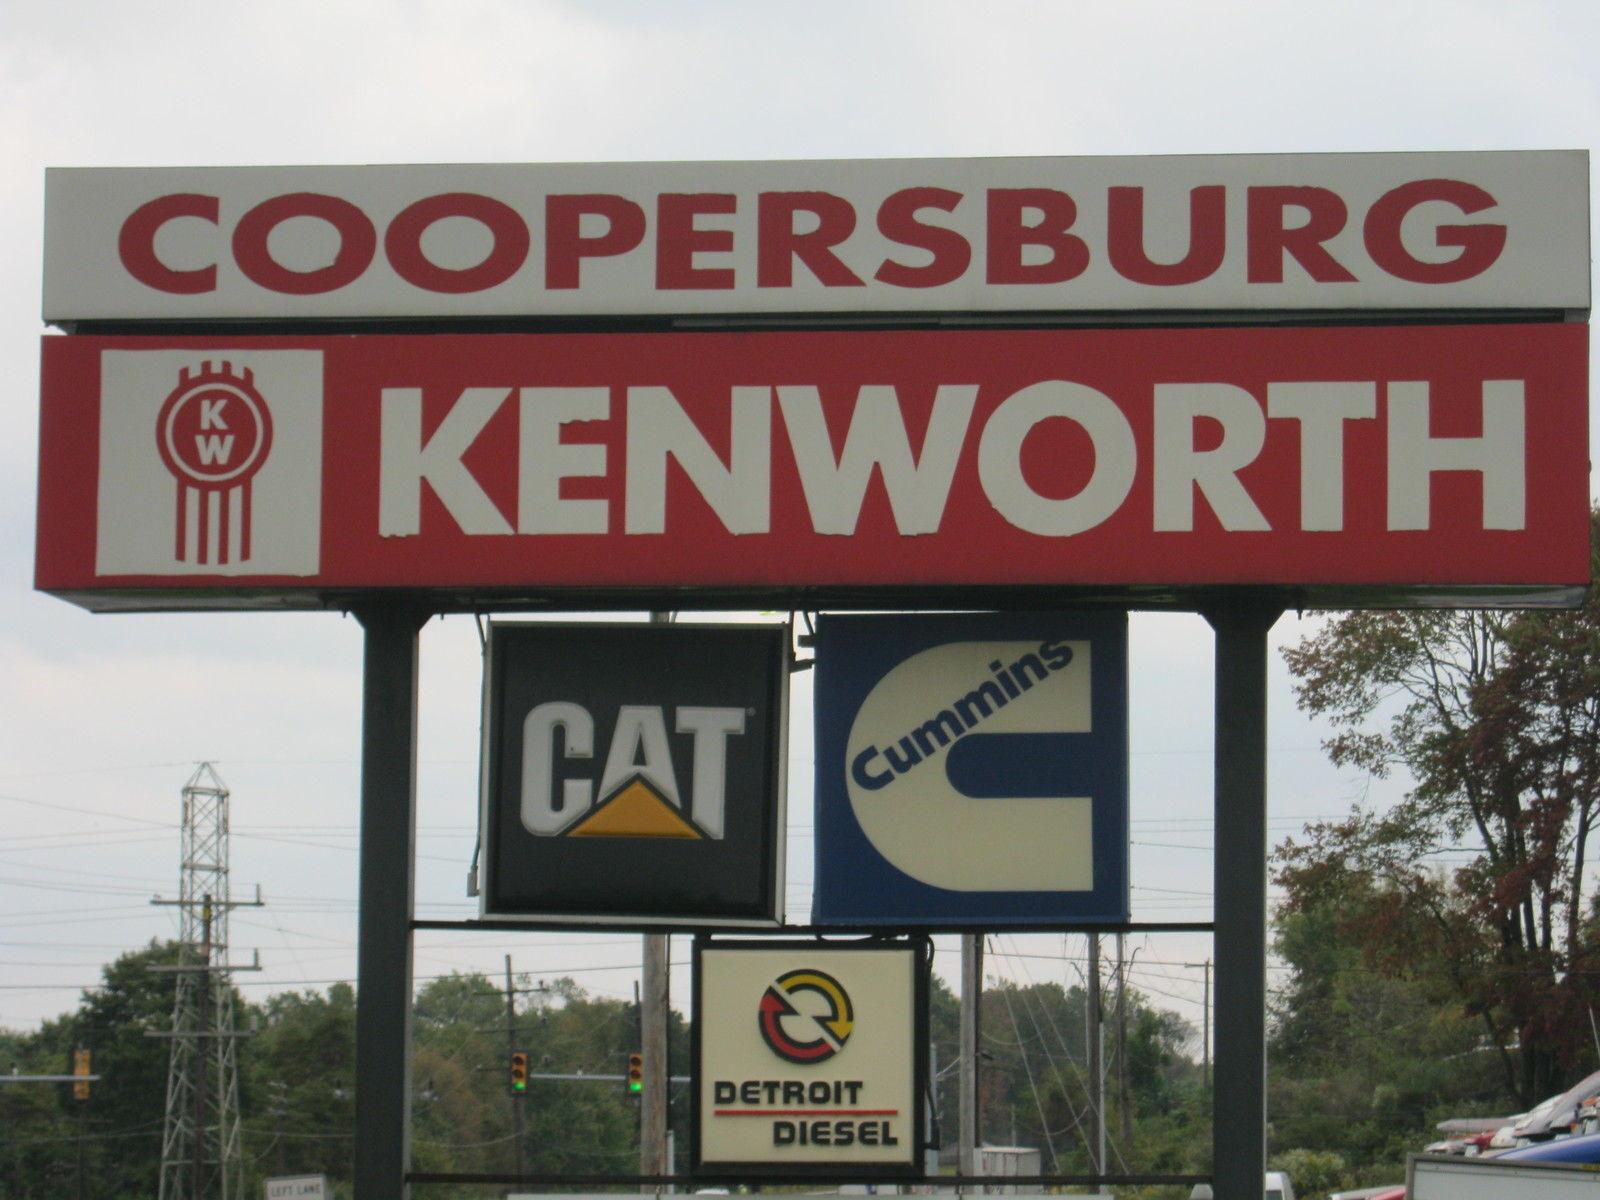 KENWORTH PARTS DEALER